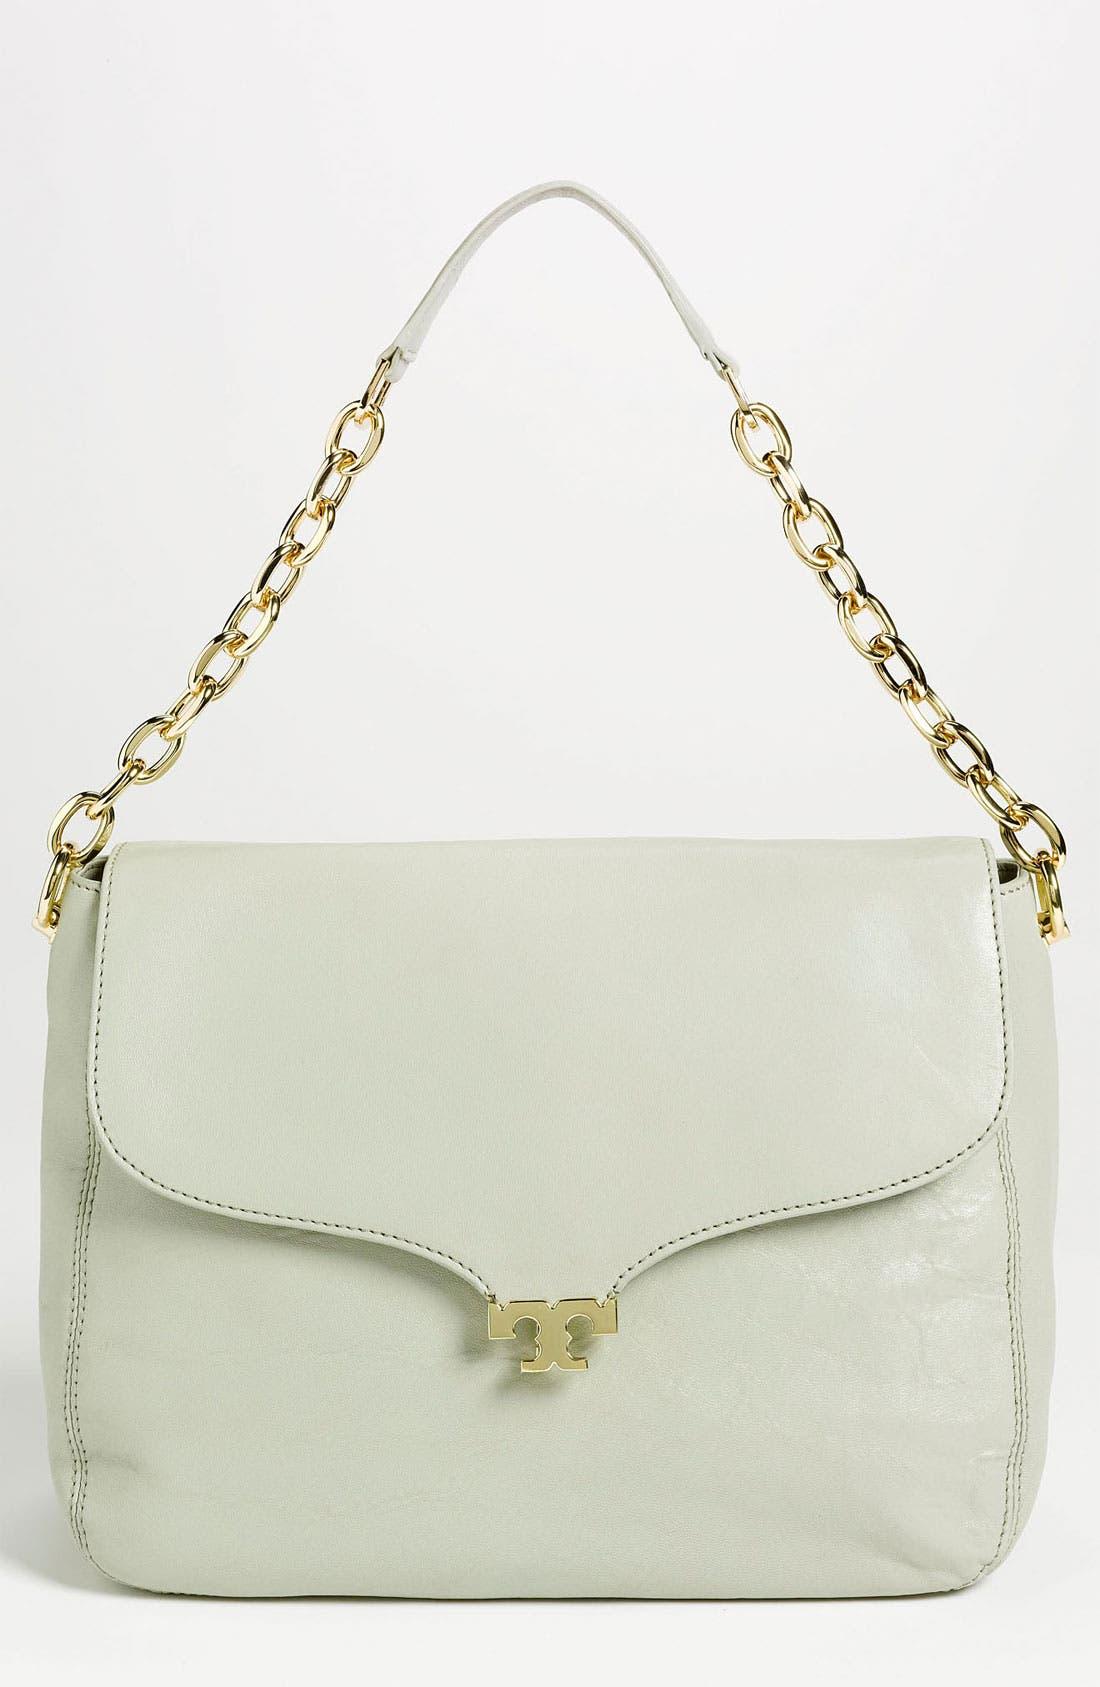 Main Image - Tory Burch 'Megan' Shoulder Bag